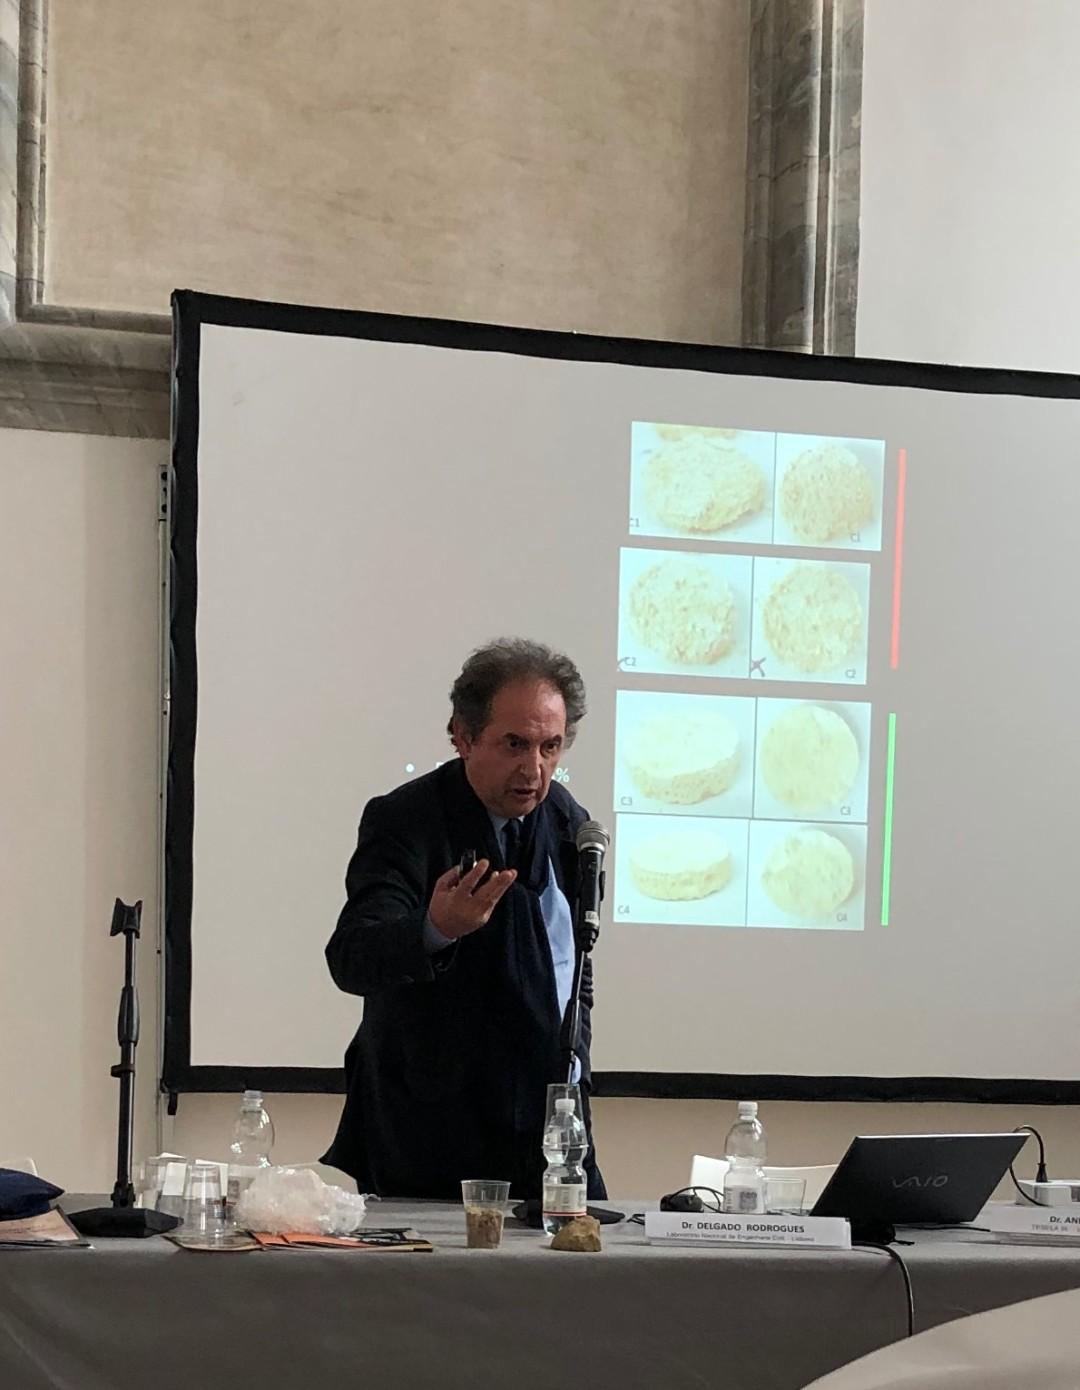 Ulderico Santamaria (Universitá della Tuscia - Musei Vaticani) Oppotunità in campi di applicazione specifici (ambienti museali controllati)